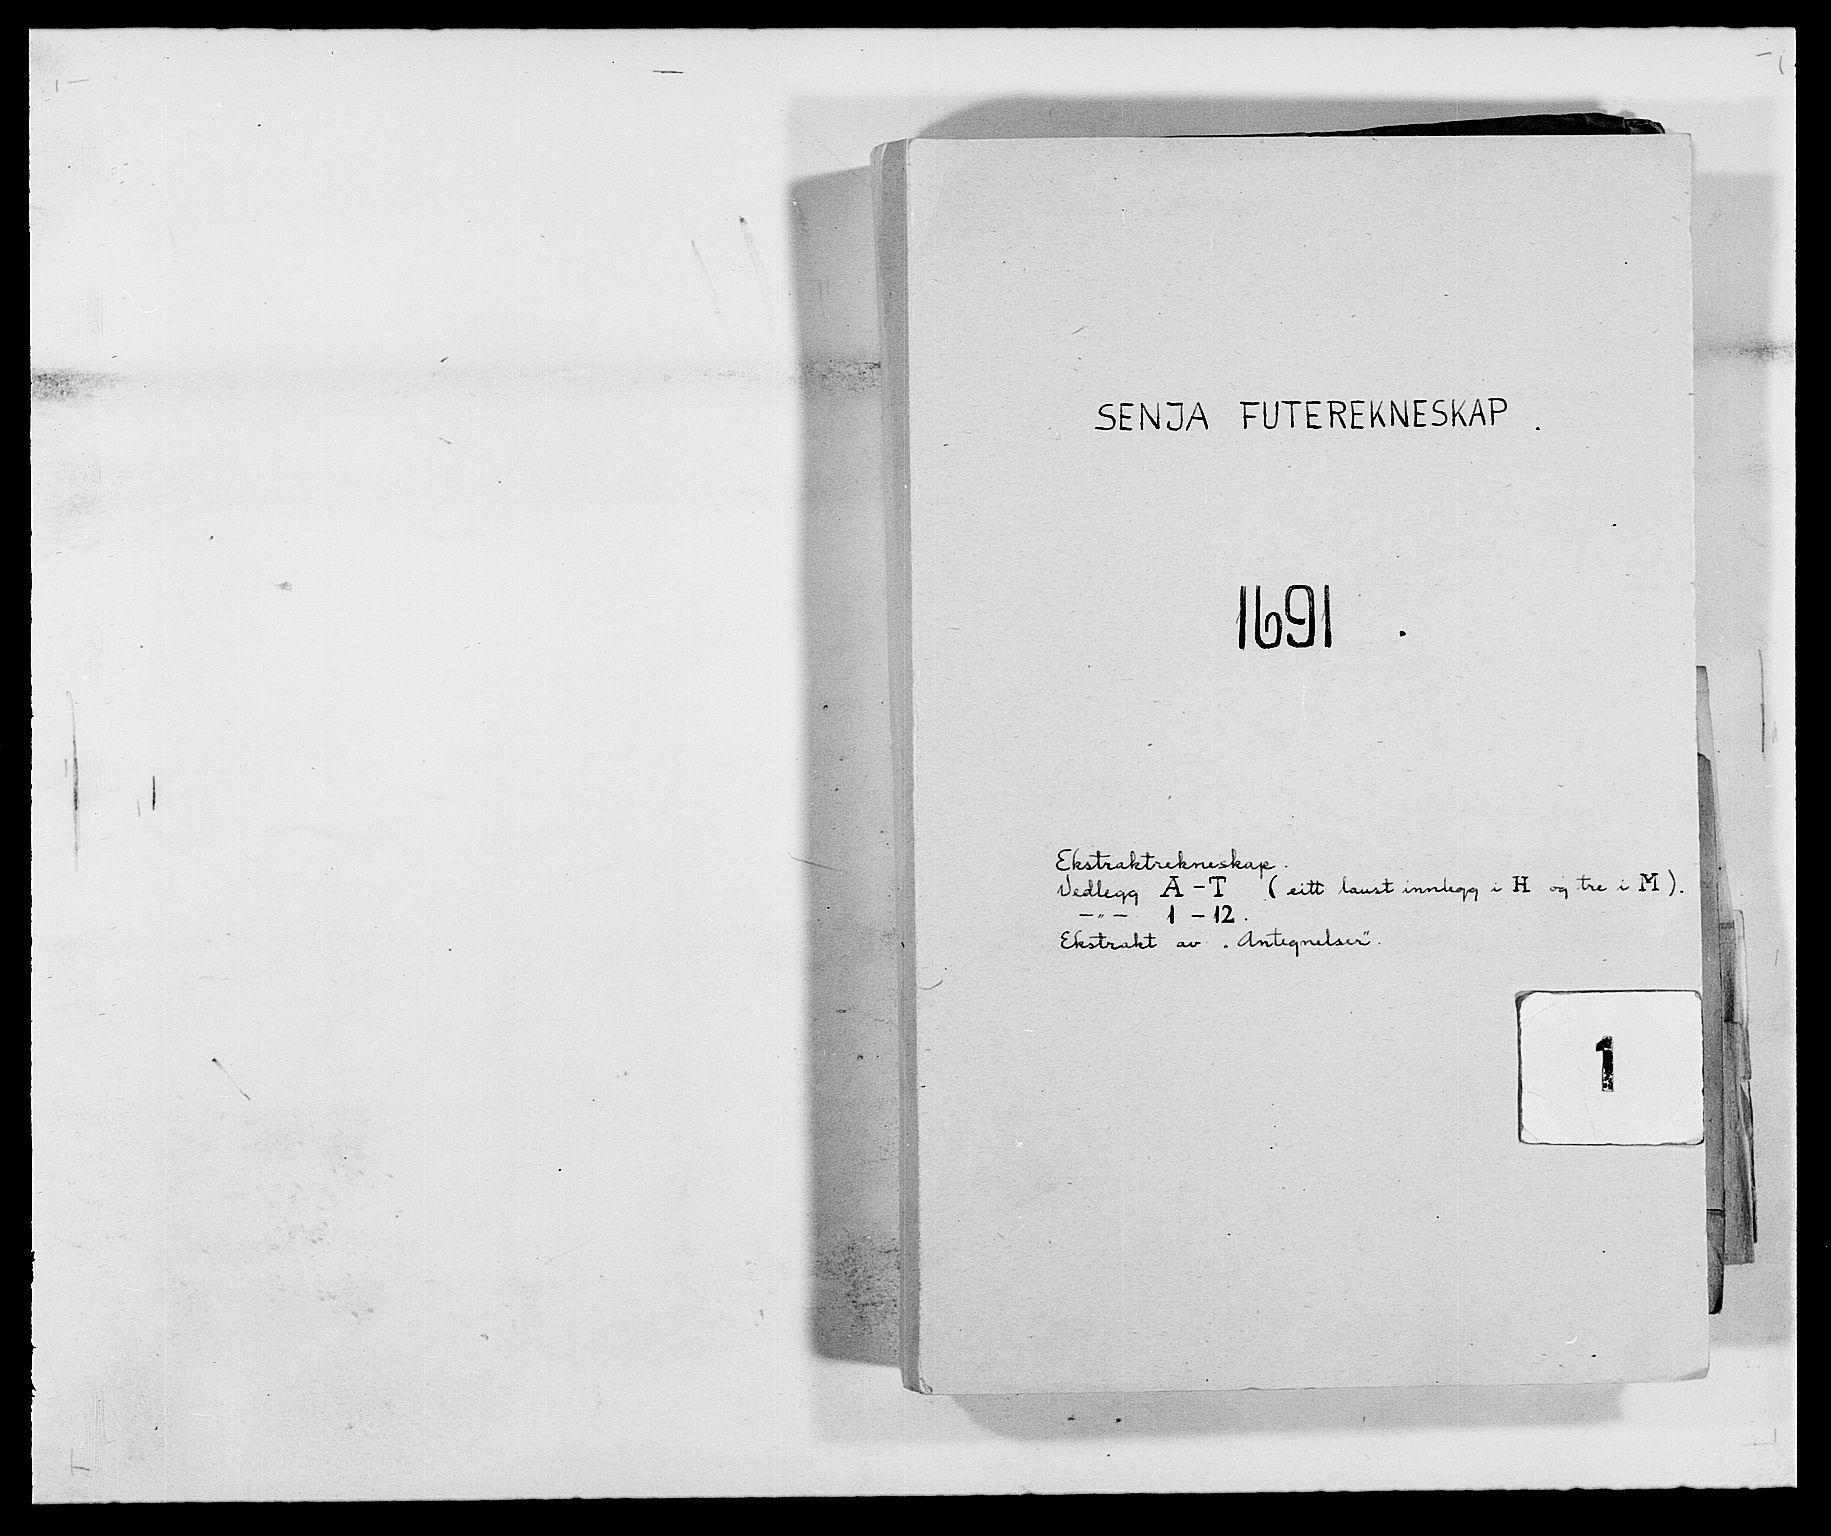 RA, Rentekammeret inntil 1814, Reviderte regnskaper, Fogderegnskap, R68/L4752: Fogderegnskap Senja og Troms, 1691-1693, s. 1